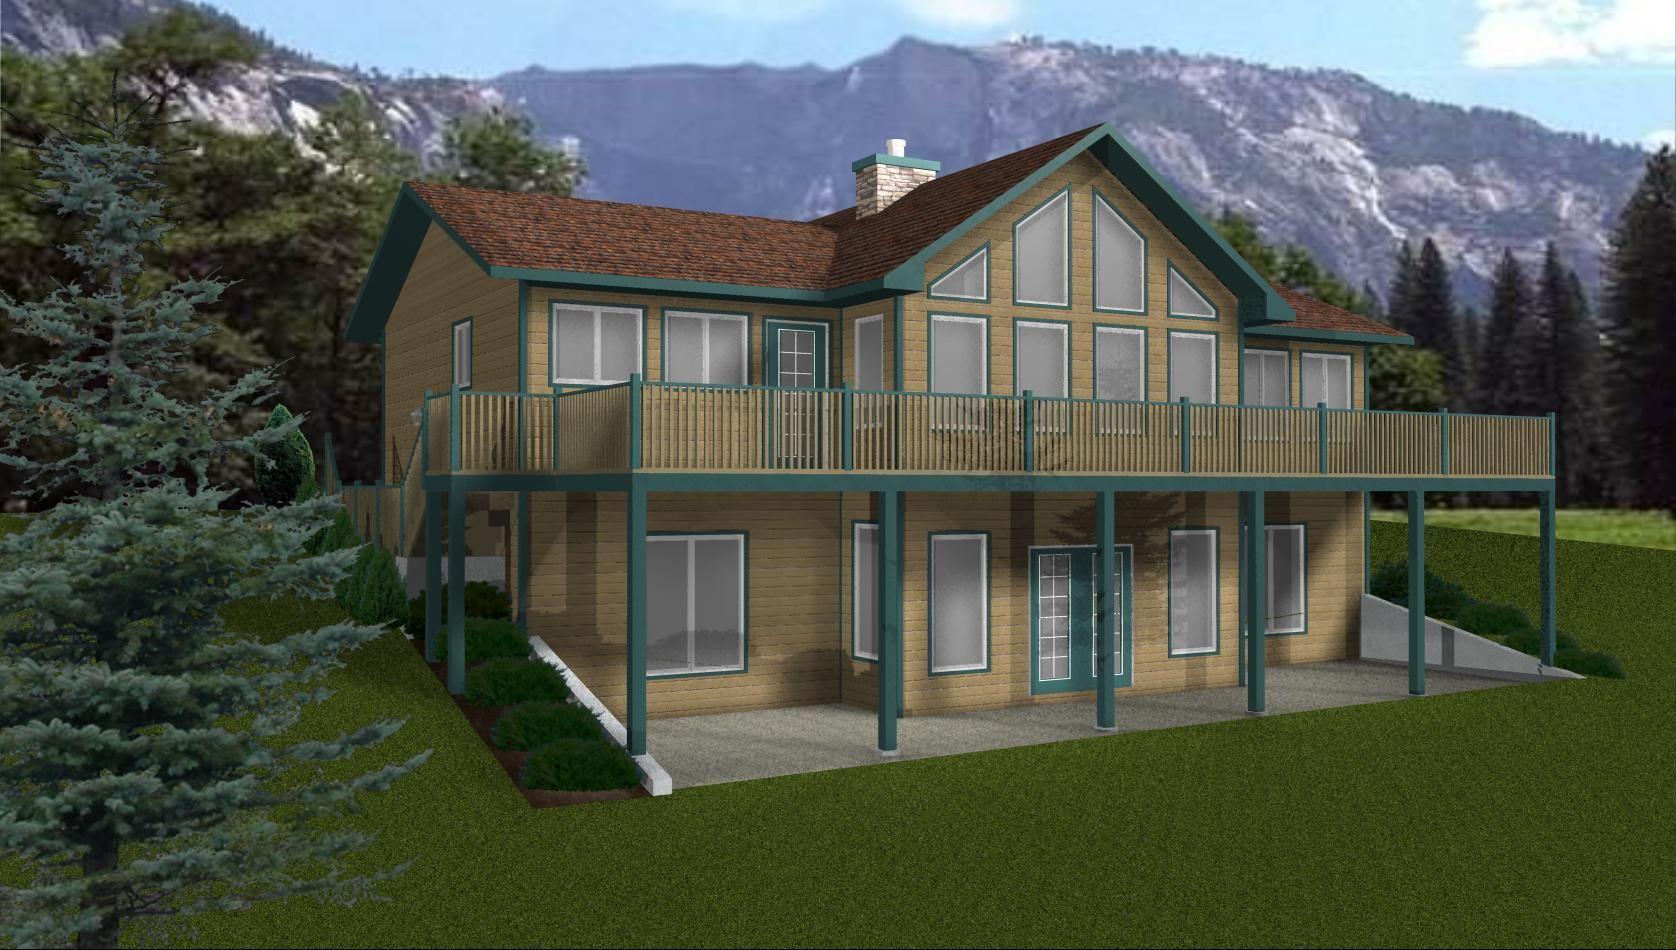 Walkout Basement Designs Google Search Basement House Plans Ranch House Plans Small Cottage House Plans